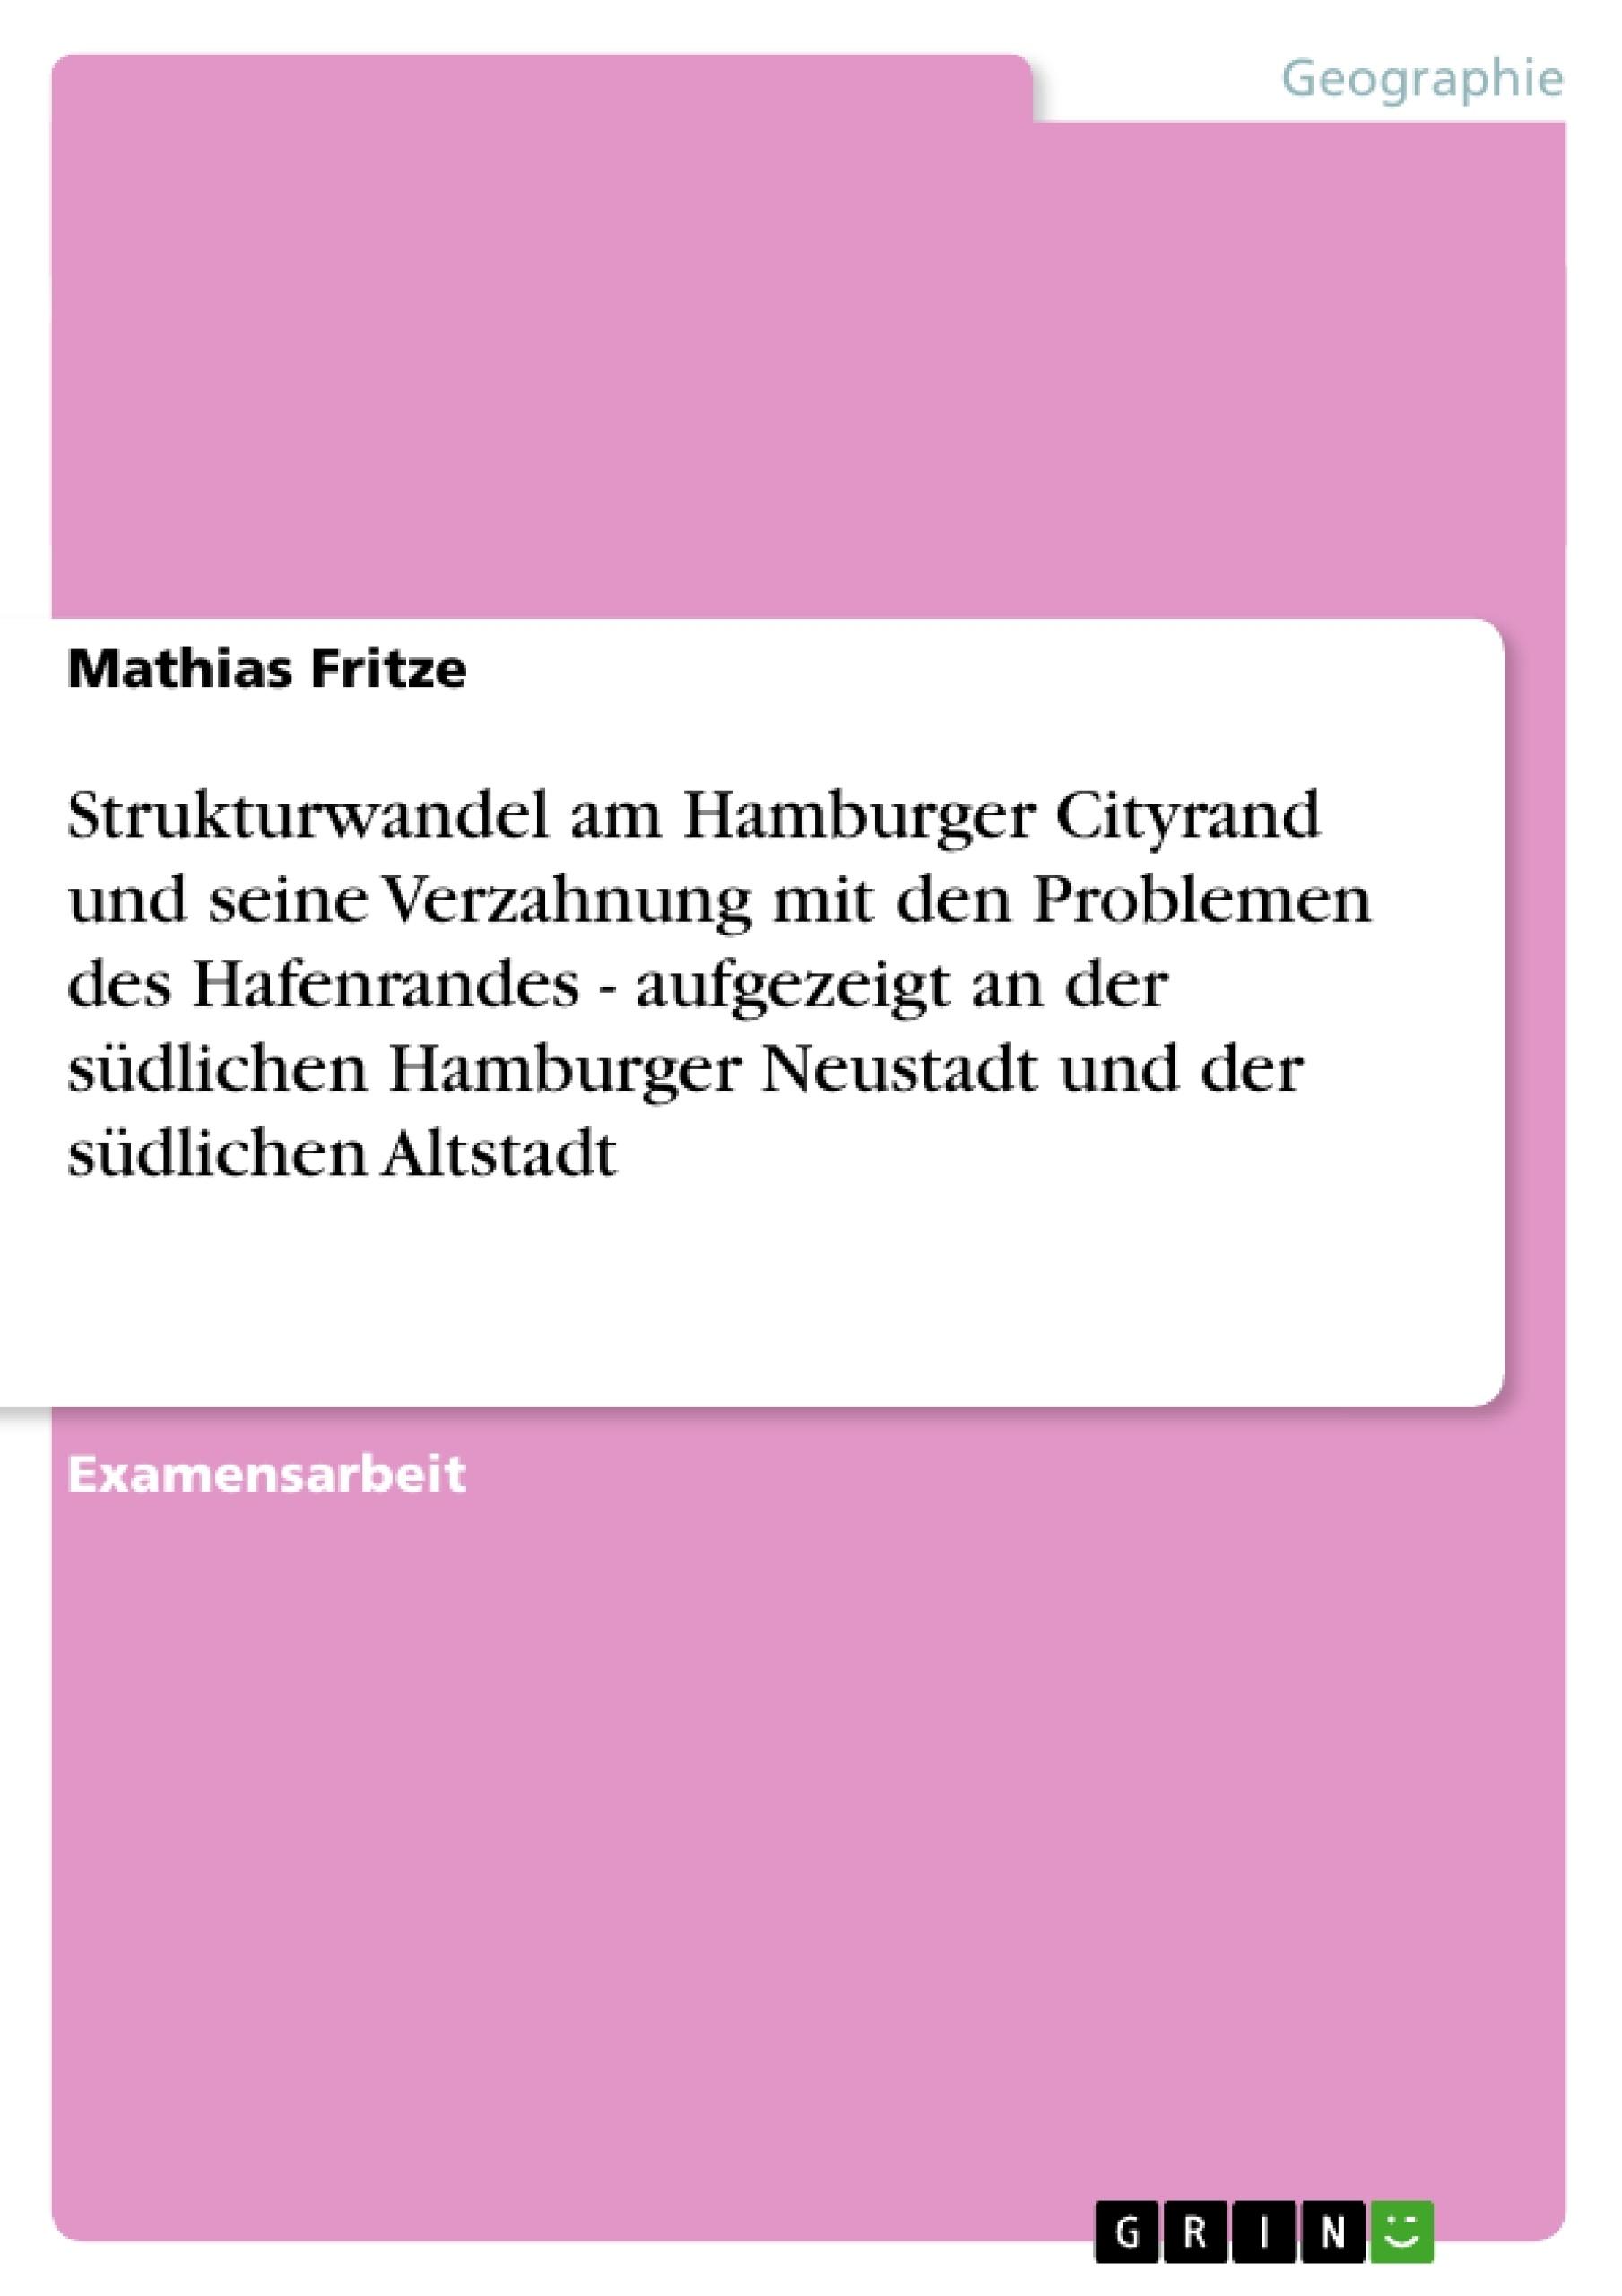 Titel: Strukturwandel am Hamburger Cityrand und seine Verzahnung mit den Problemen des Hafenrandes - aufgezeigt an der südlichen Hamburger Neustadt und der südlichen Altstadt